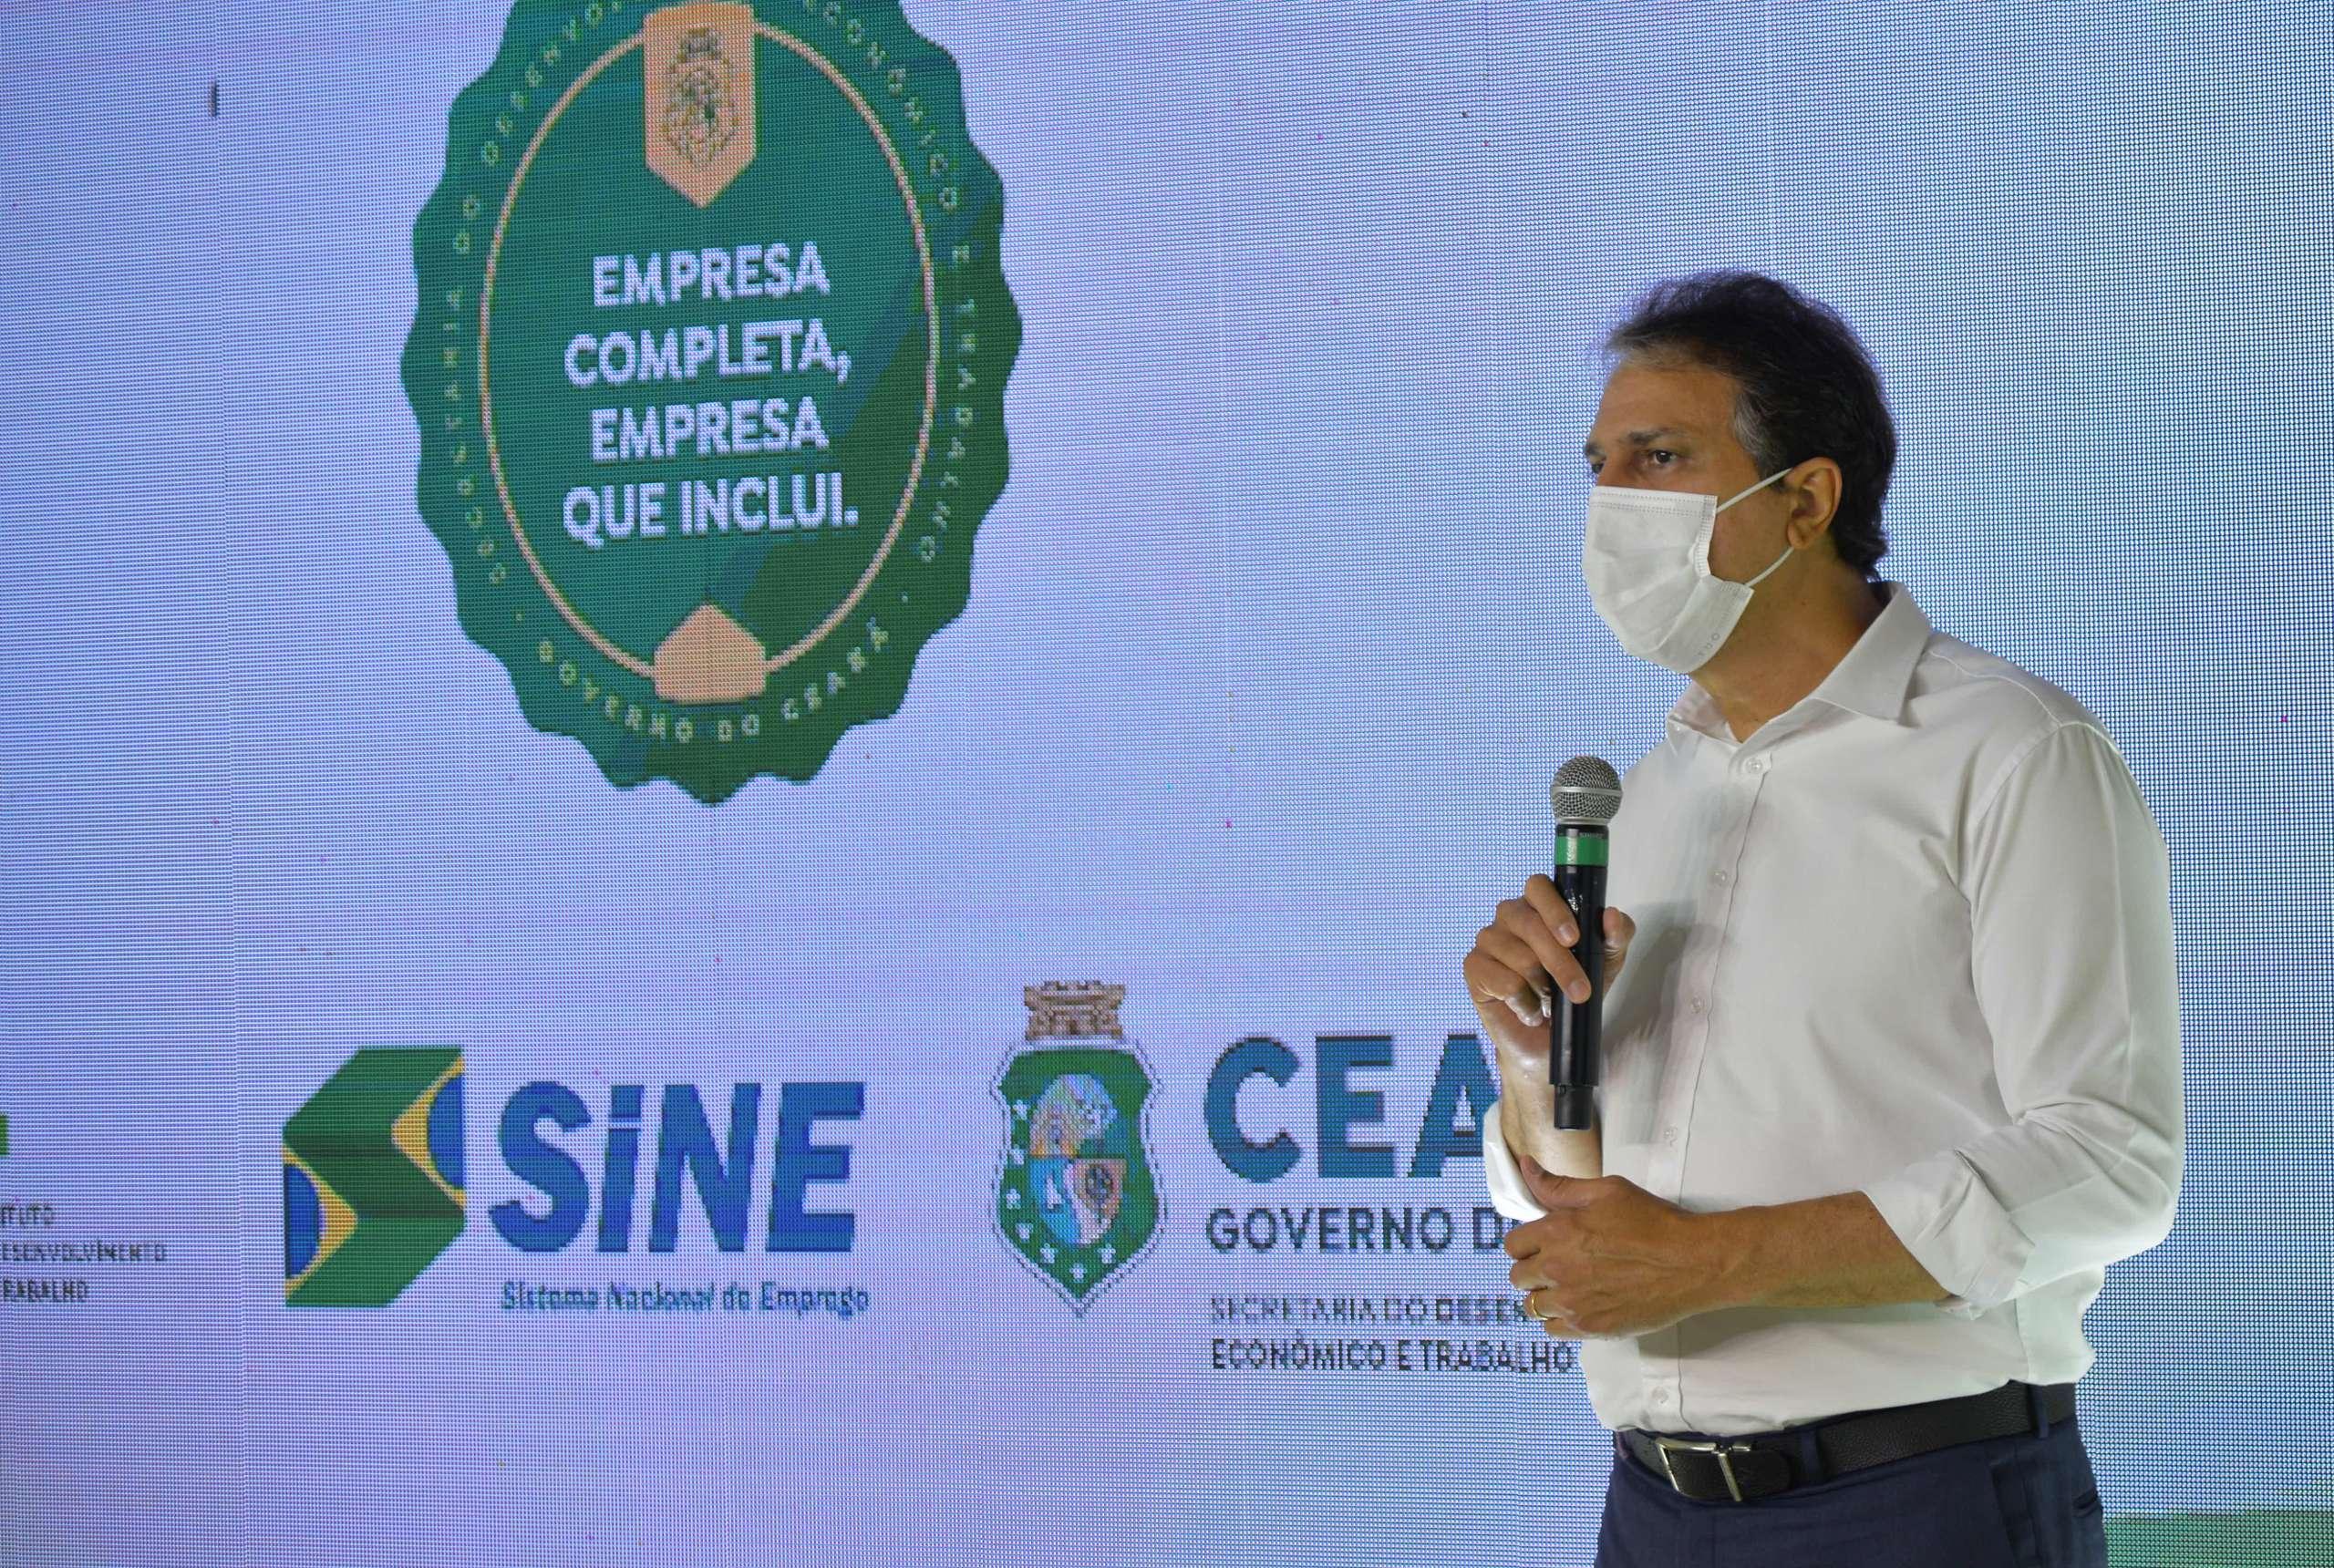 Governo do Ceará entrega certificados a empresas que mais incluíram pessoas com deficiência